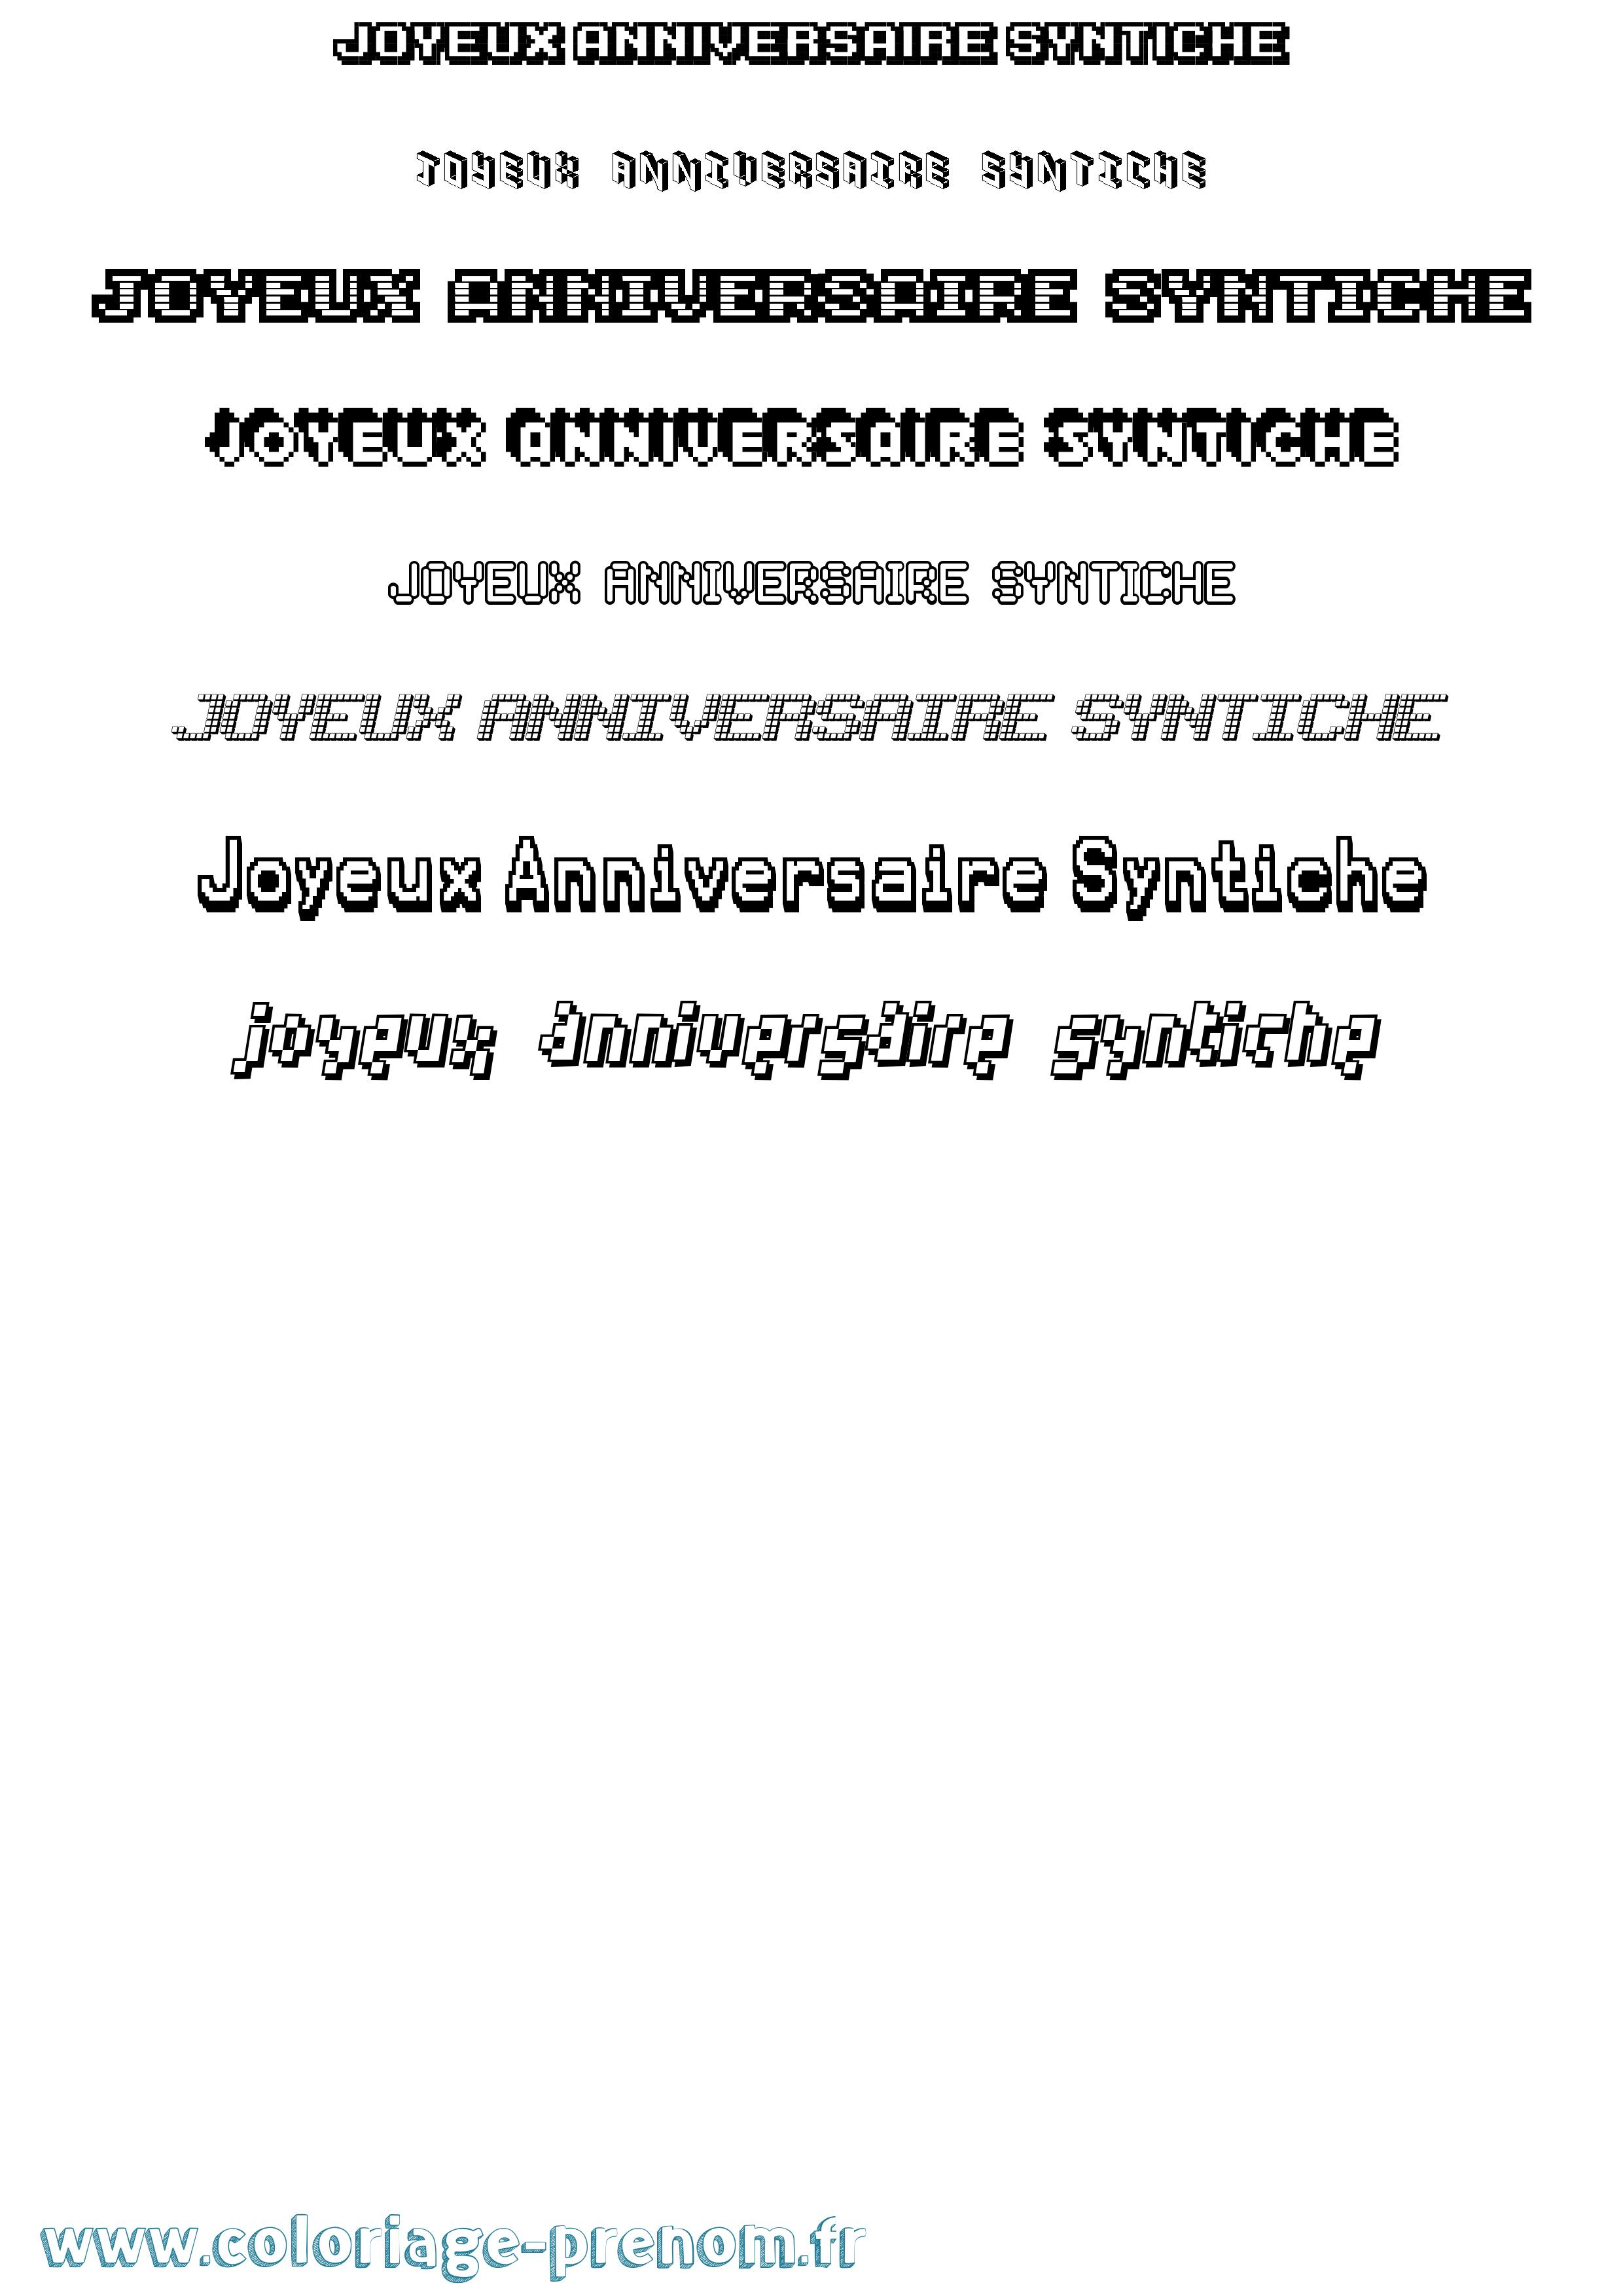 Coloriage Du Prenom Joyeux Anniversaire Syntiche A Imprimer Ou